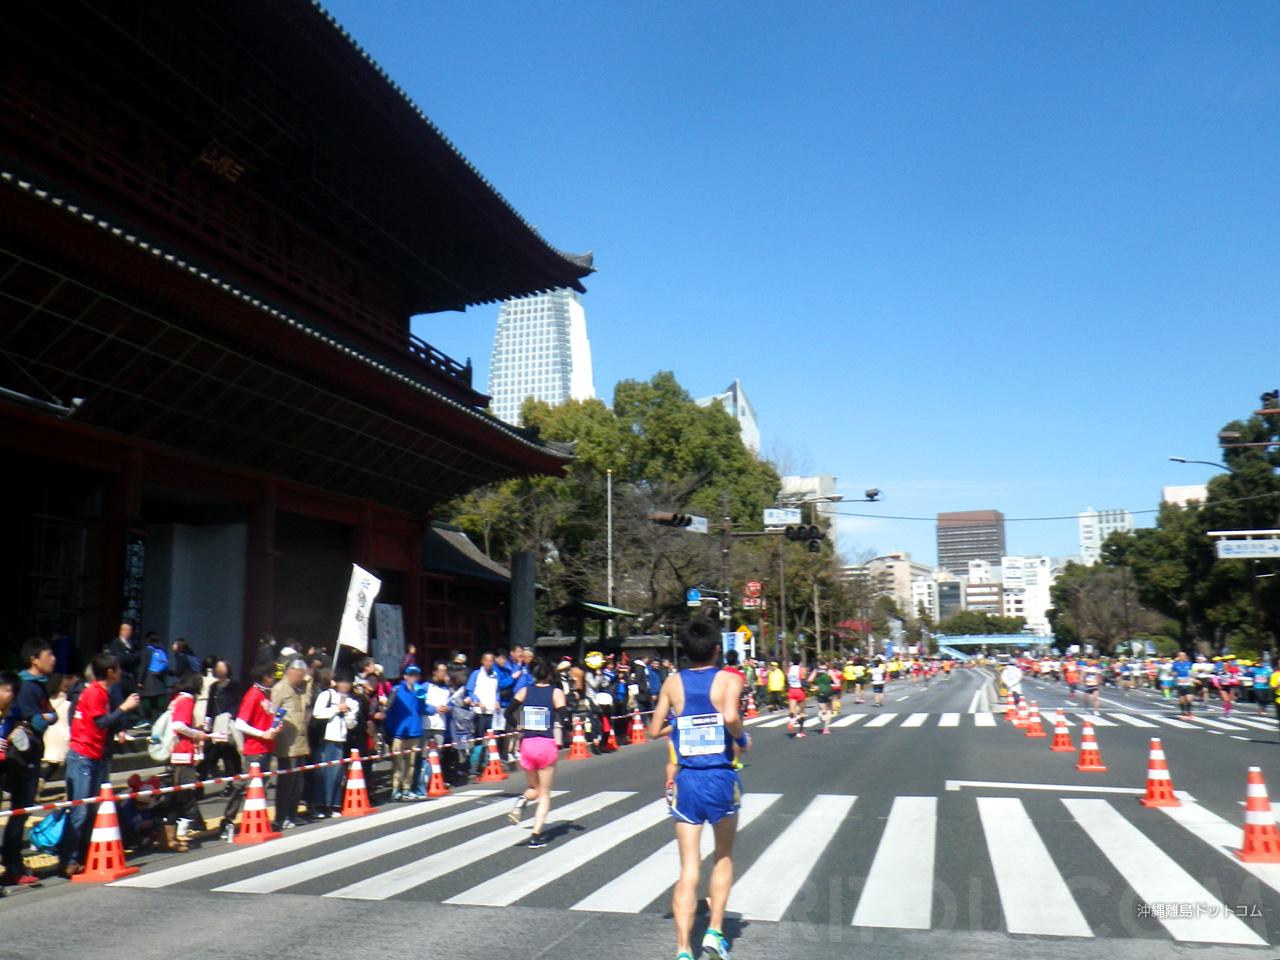 【38.8km】増上寺地点では東京タワーも望めるかも?